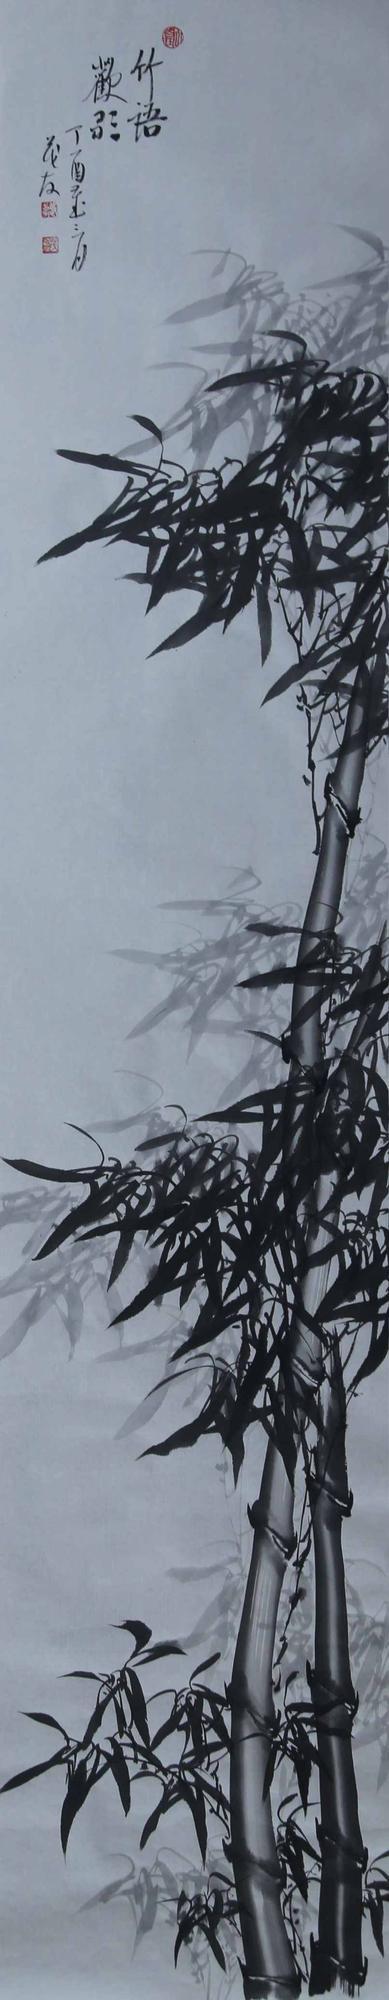 春风大雅—蔡茂友墨竹作品欣赏